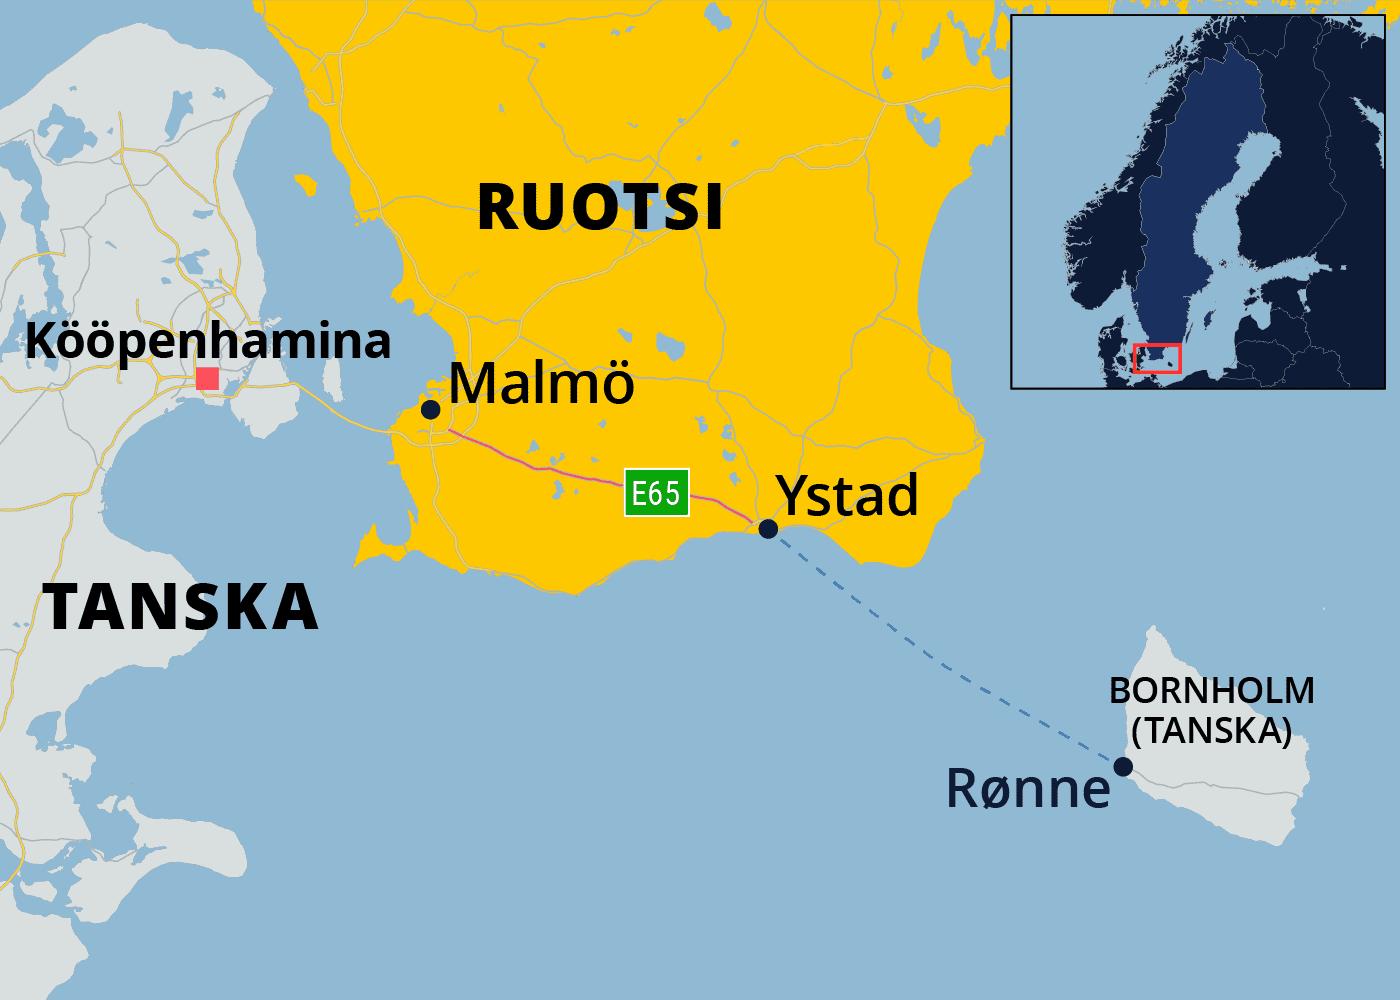 Kartalla Ystad Etelä-Ruotsissa ja Tanskalle kuuluva Bornholmin saari Itämeressä.